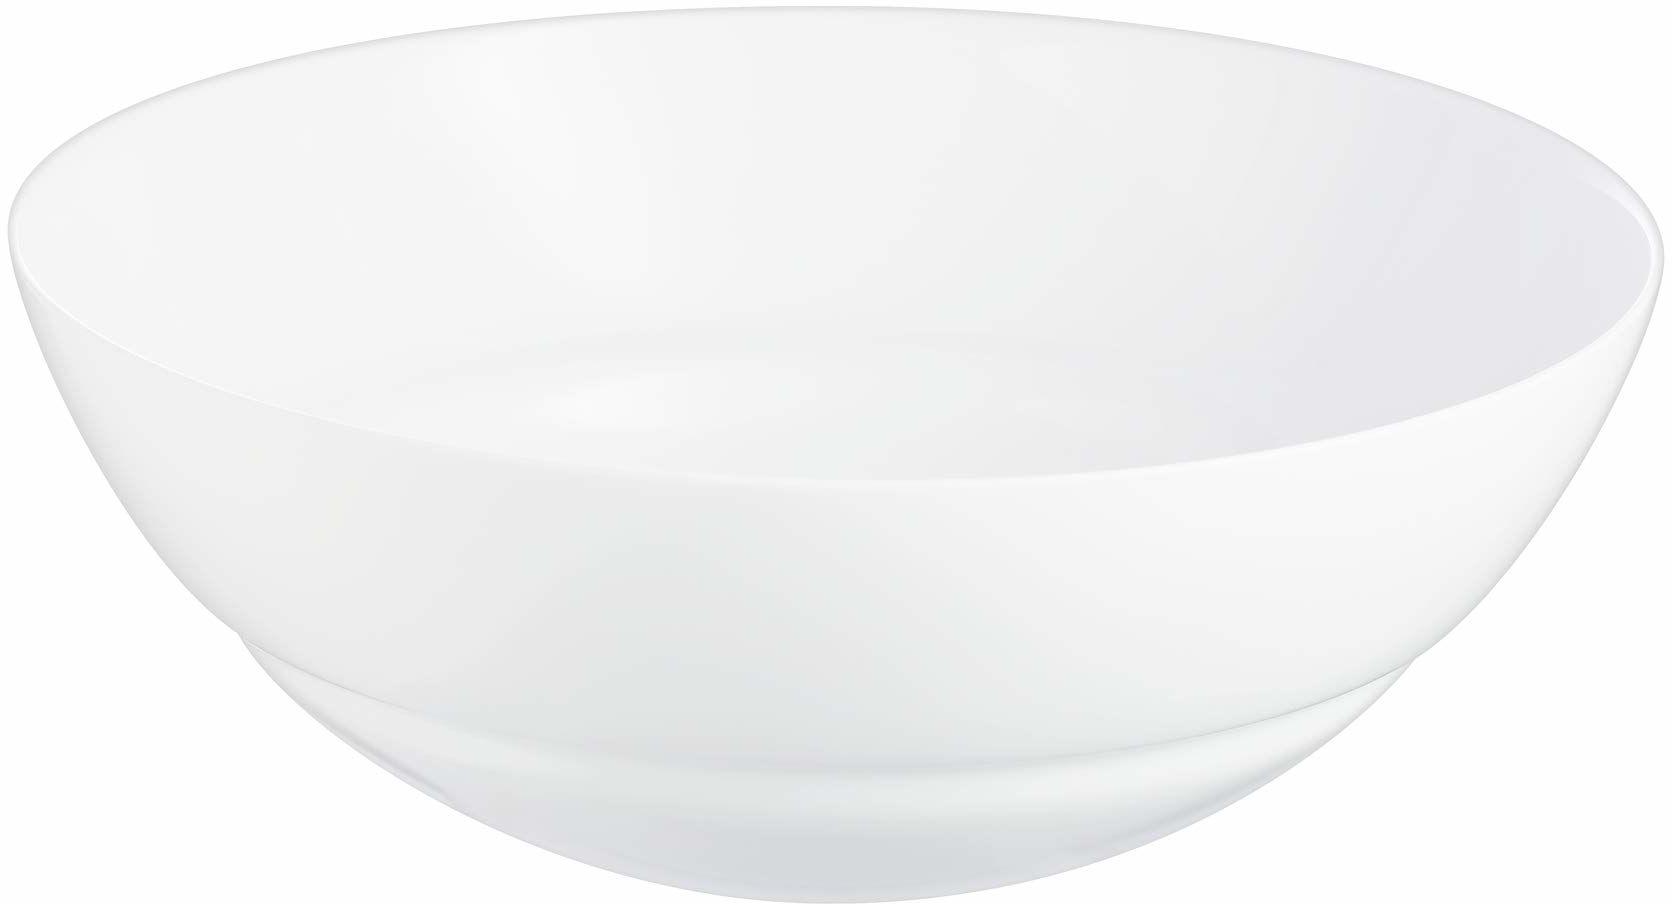 Dajar 00170 ALEXIE OPAL salaterka, biała